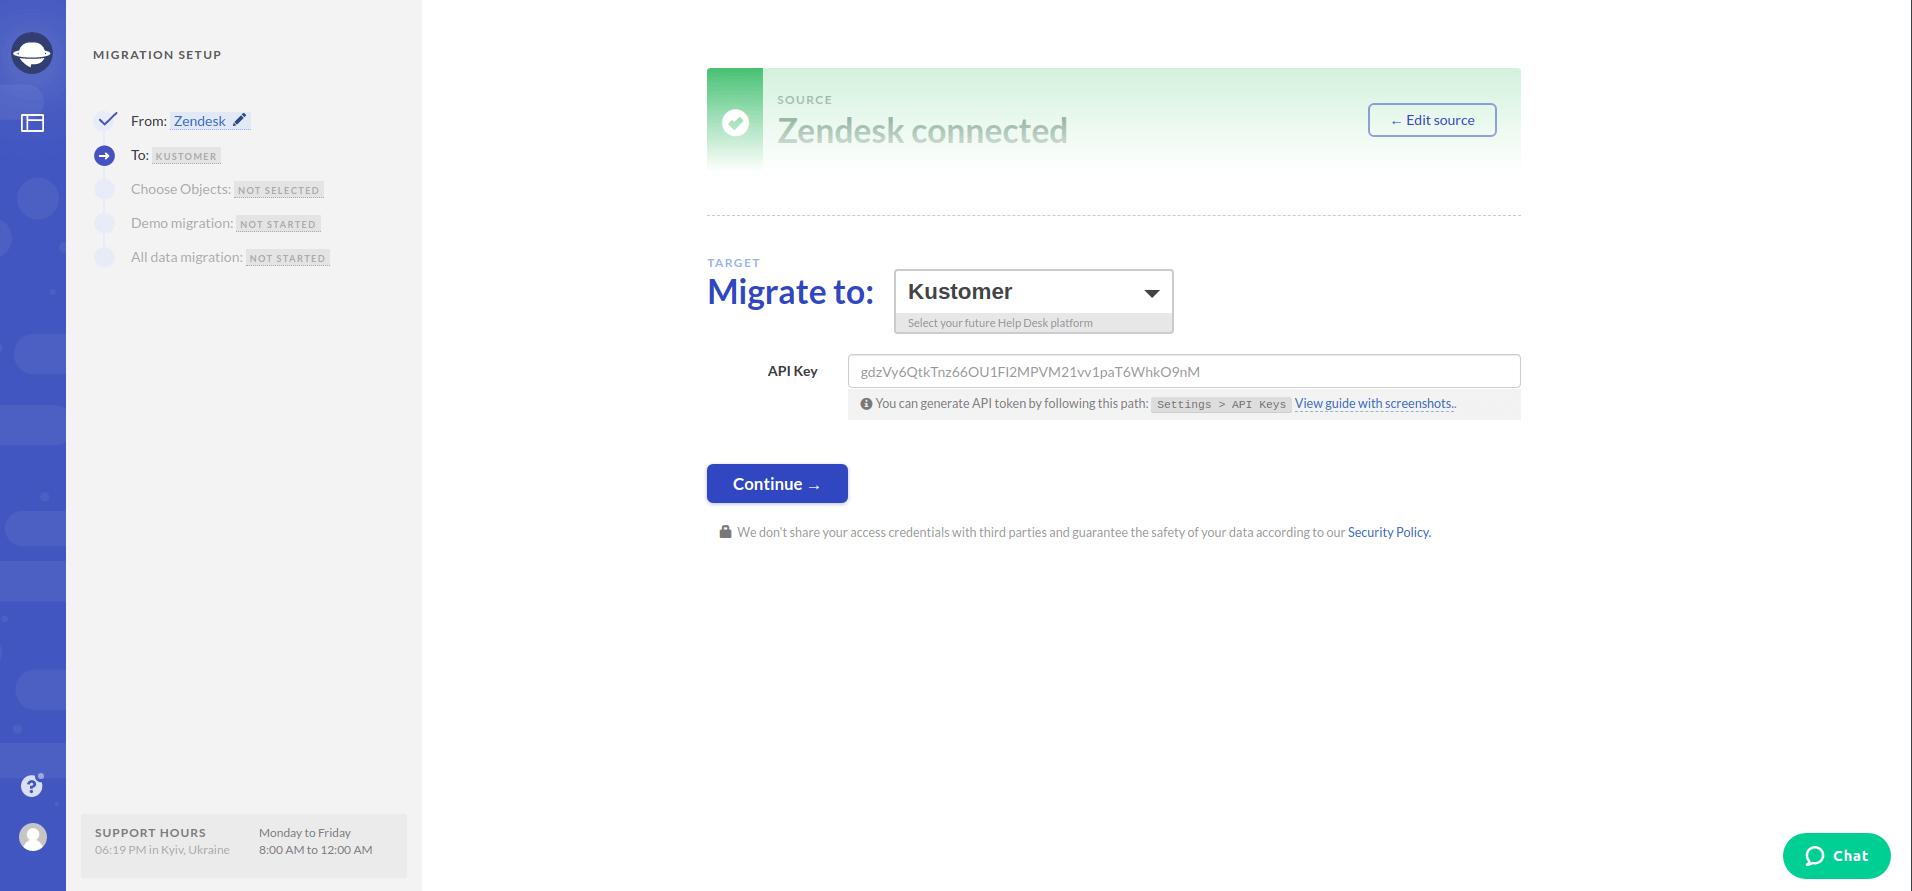 Migrate to Kustomer Screenshot